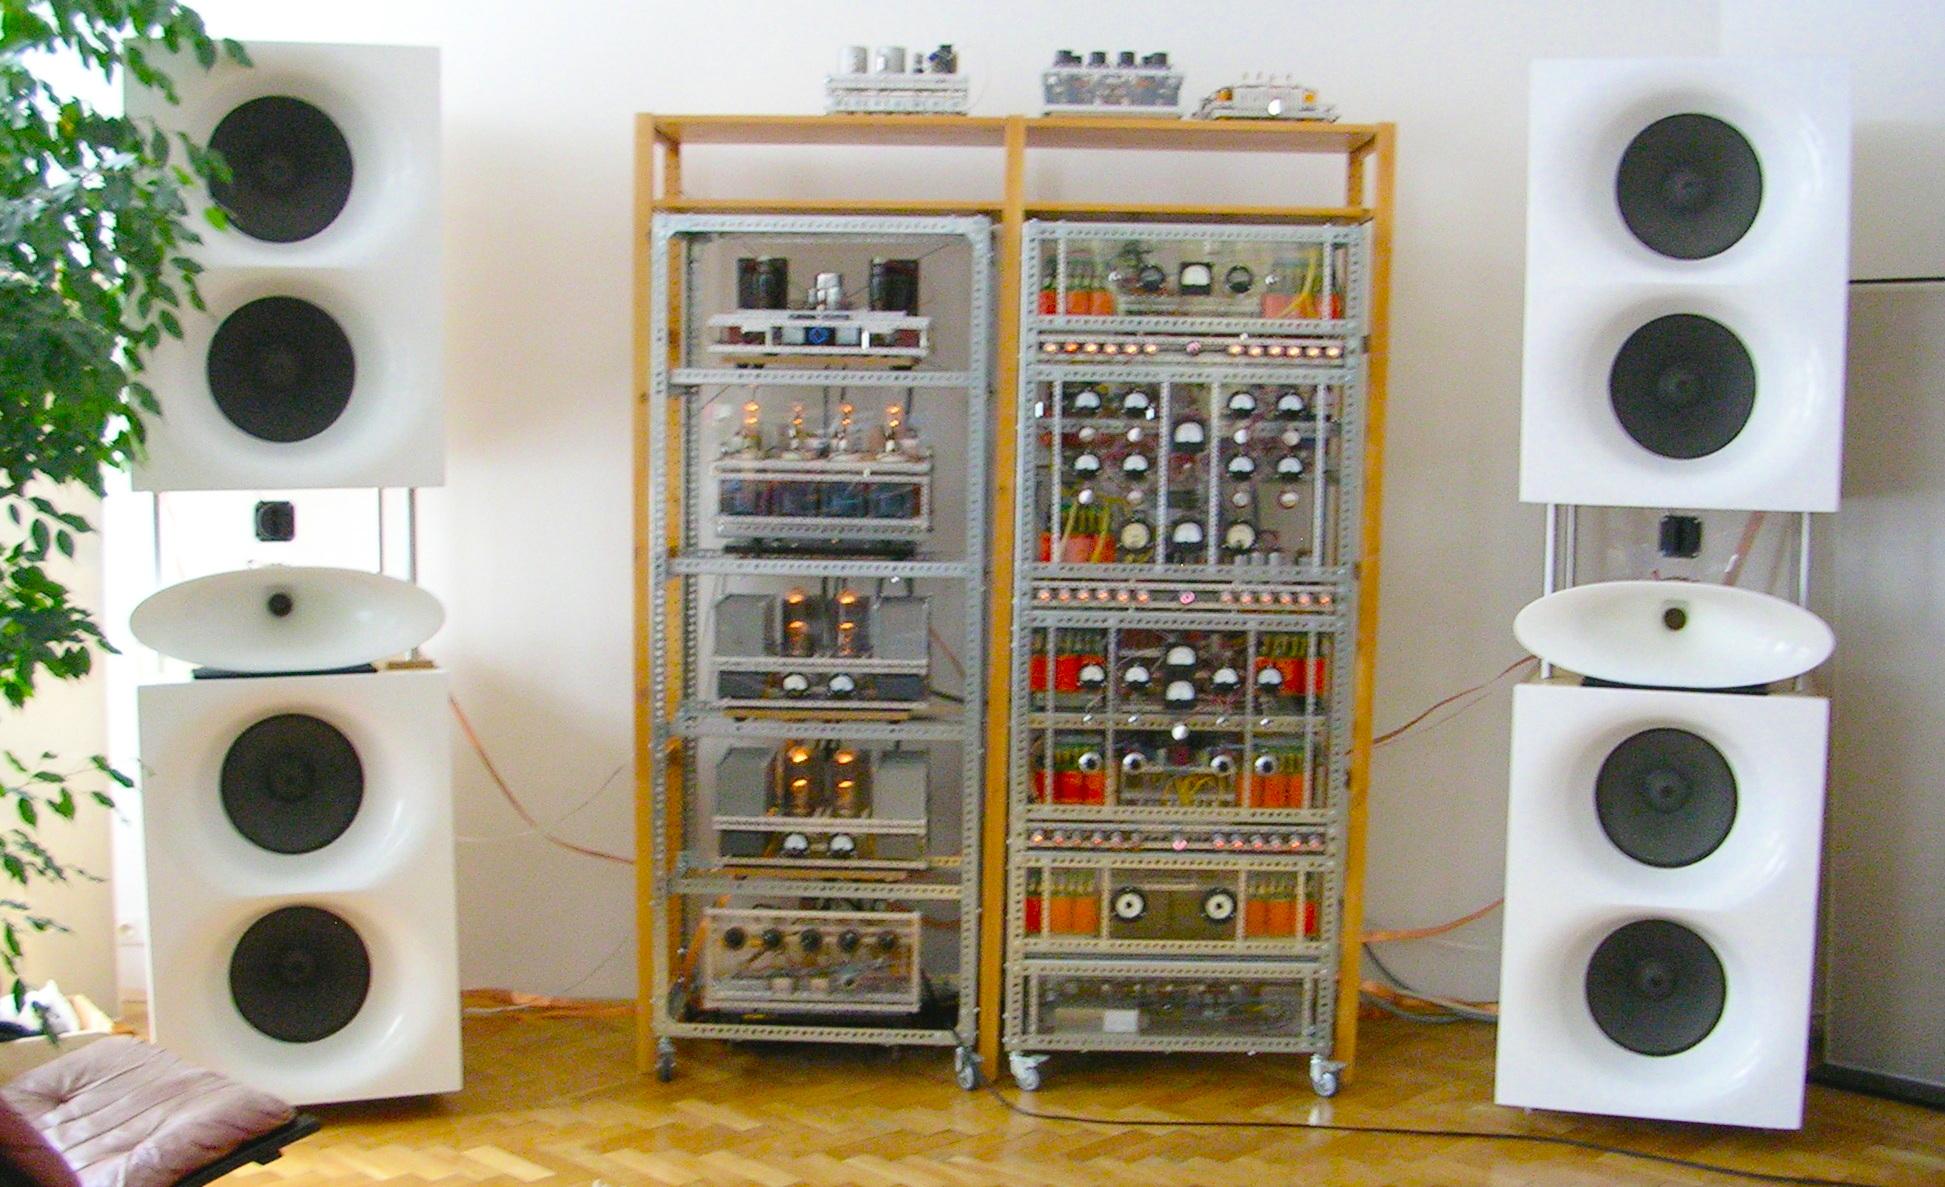 Acoustic radiation impedance